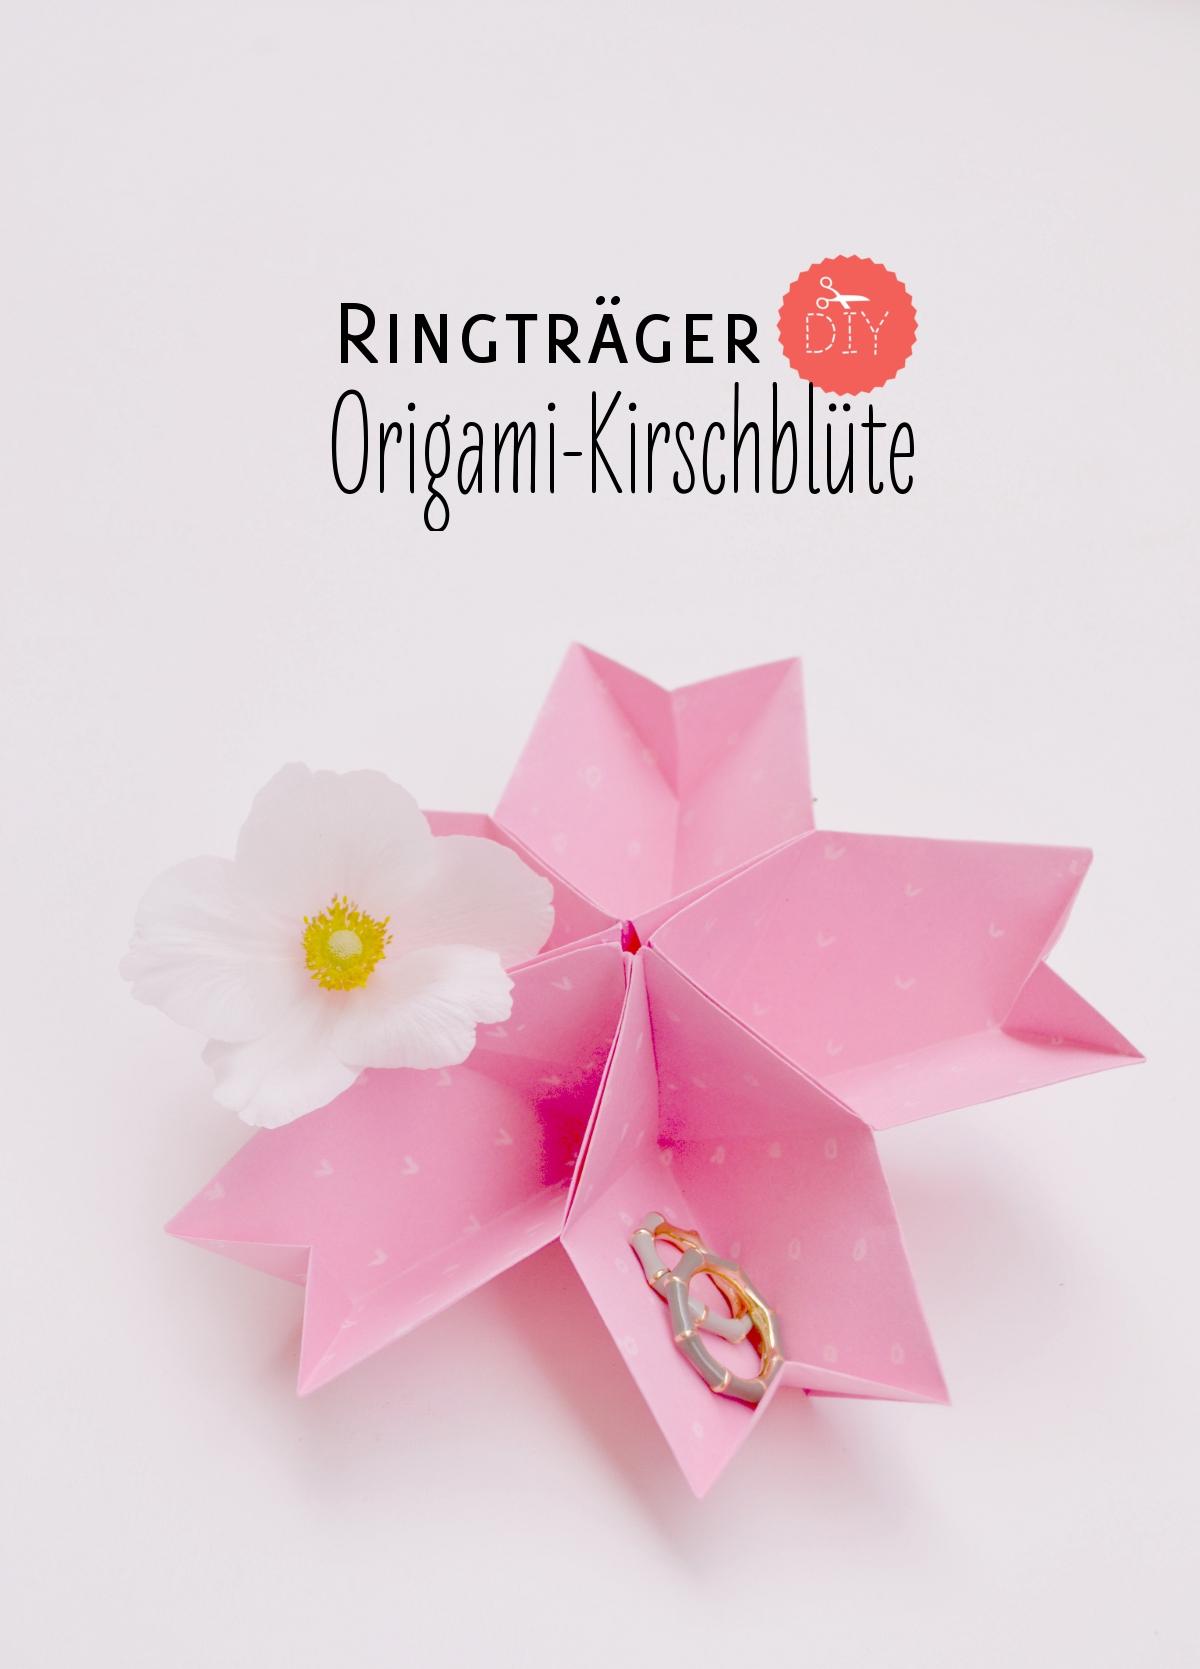 Origami-Kirschblüte als Ringkissen selbermachen | Verrueckt nach Hochzeit